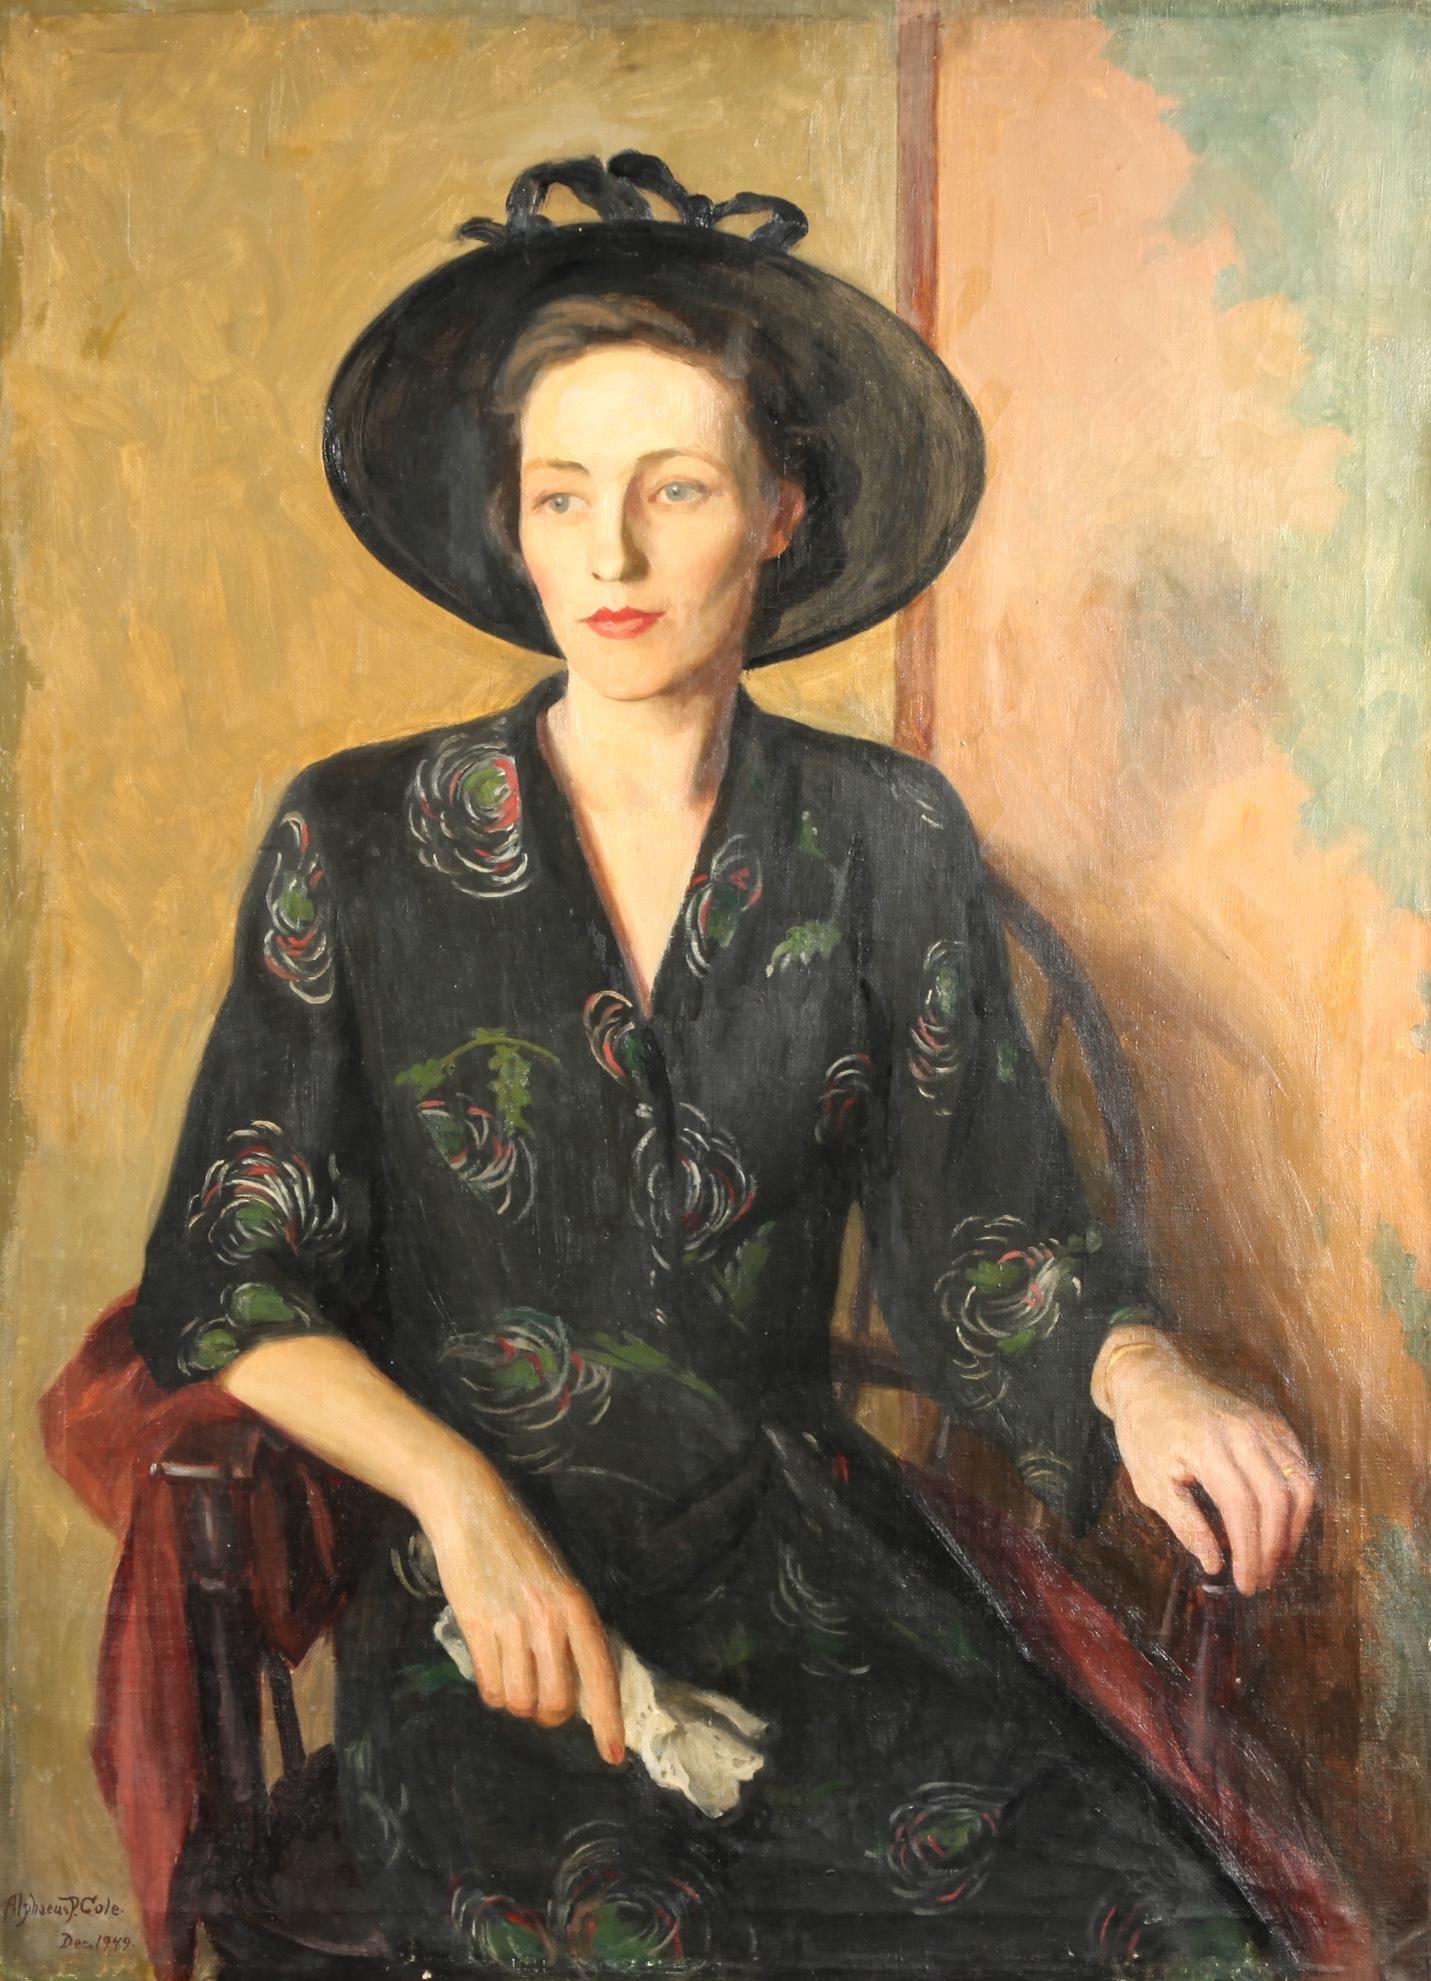 Alphaeus P. Cole Portrait of a Woman Oil on Canvas